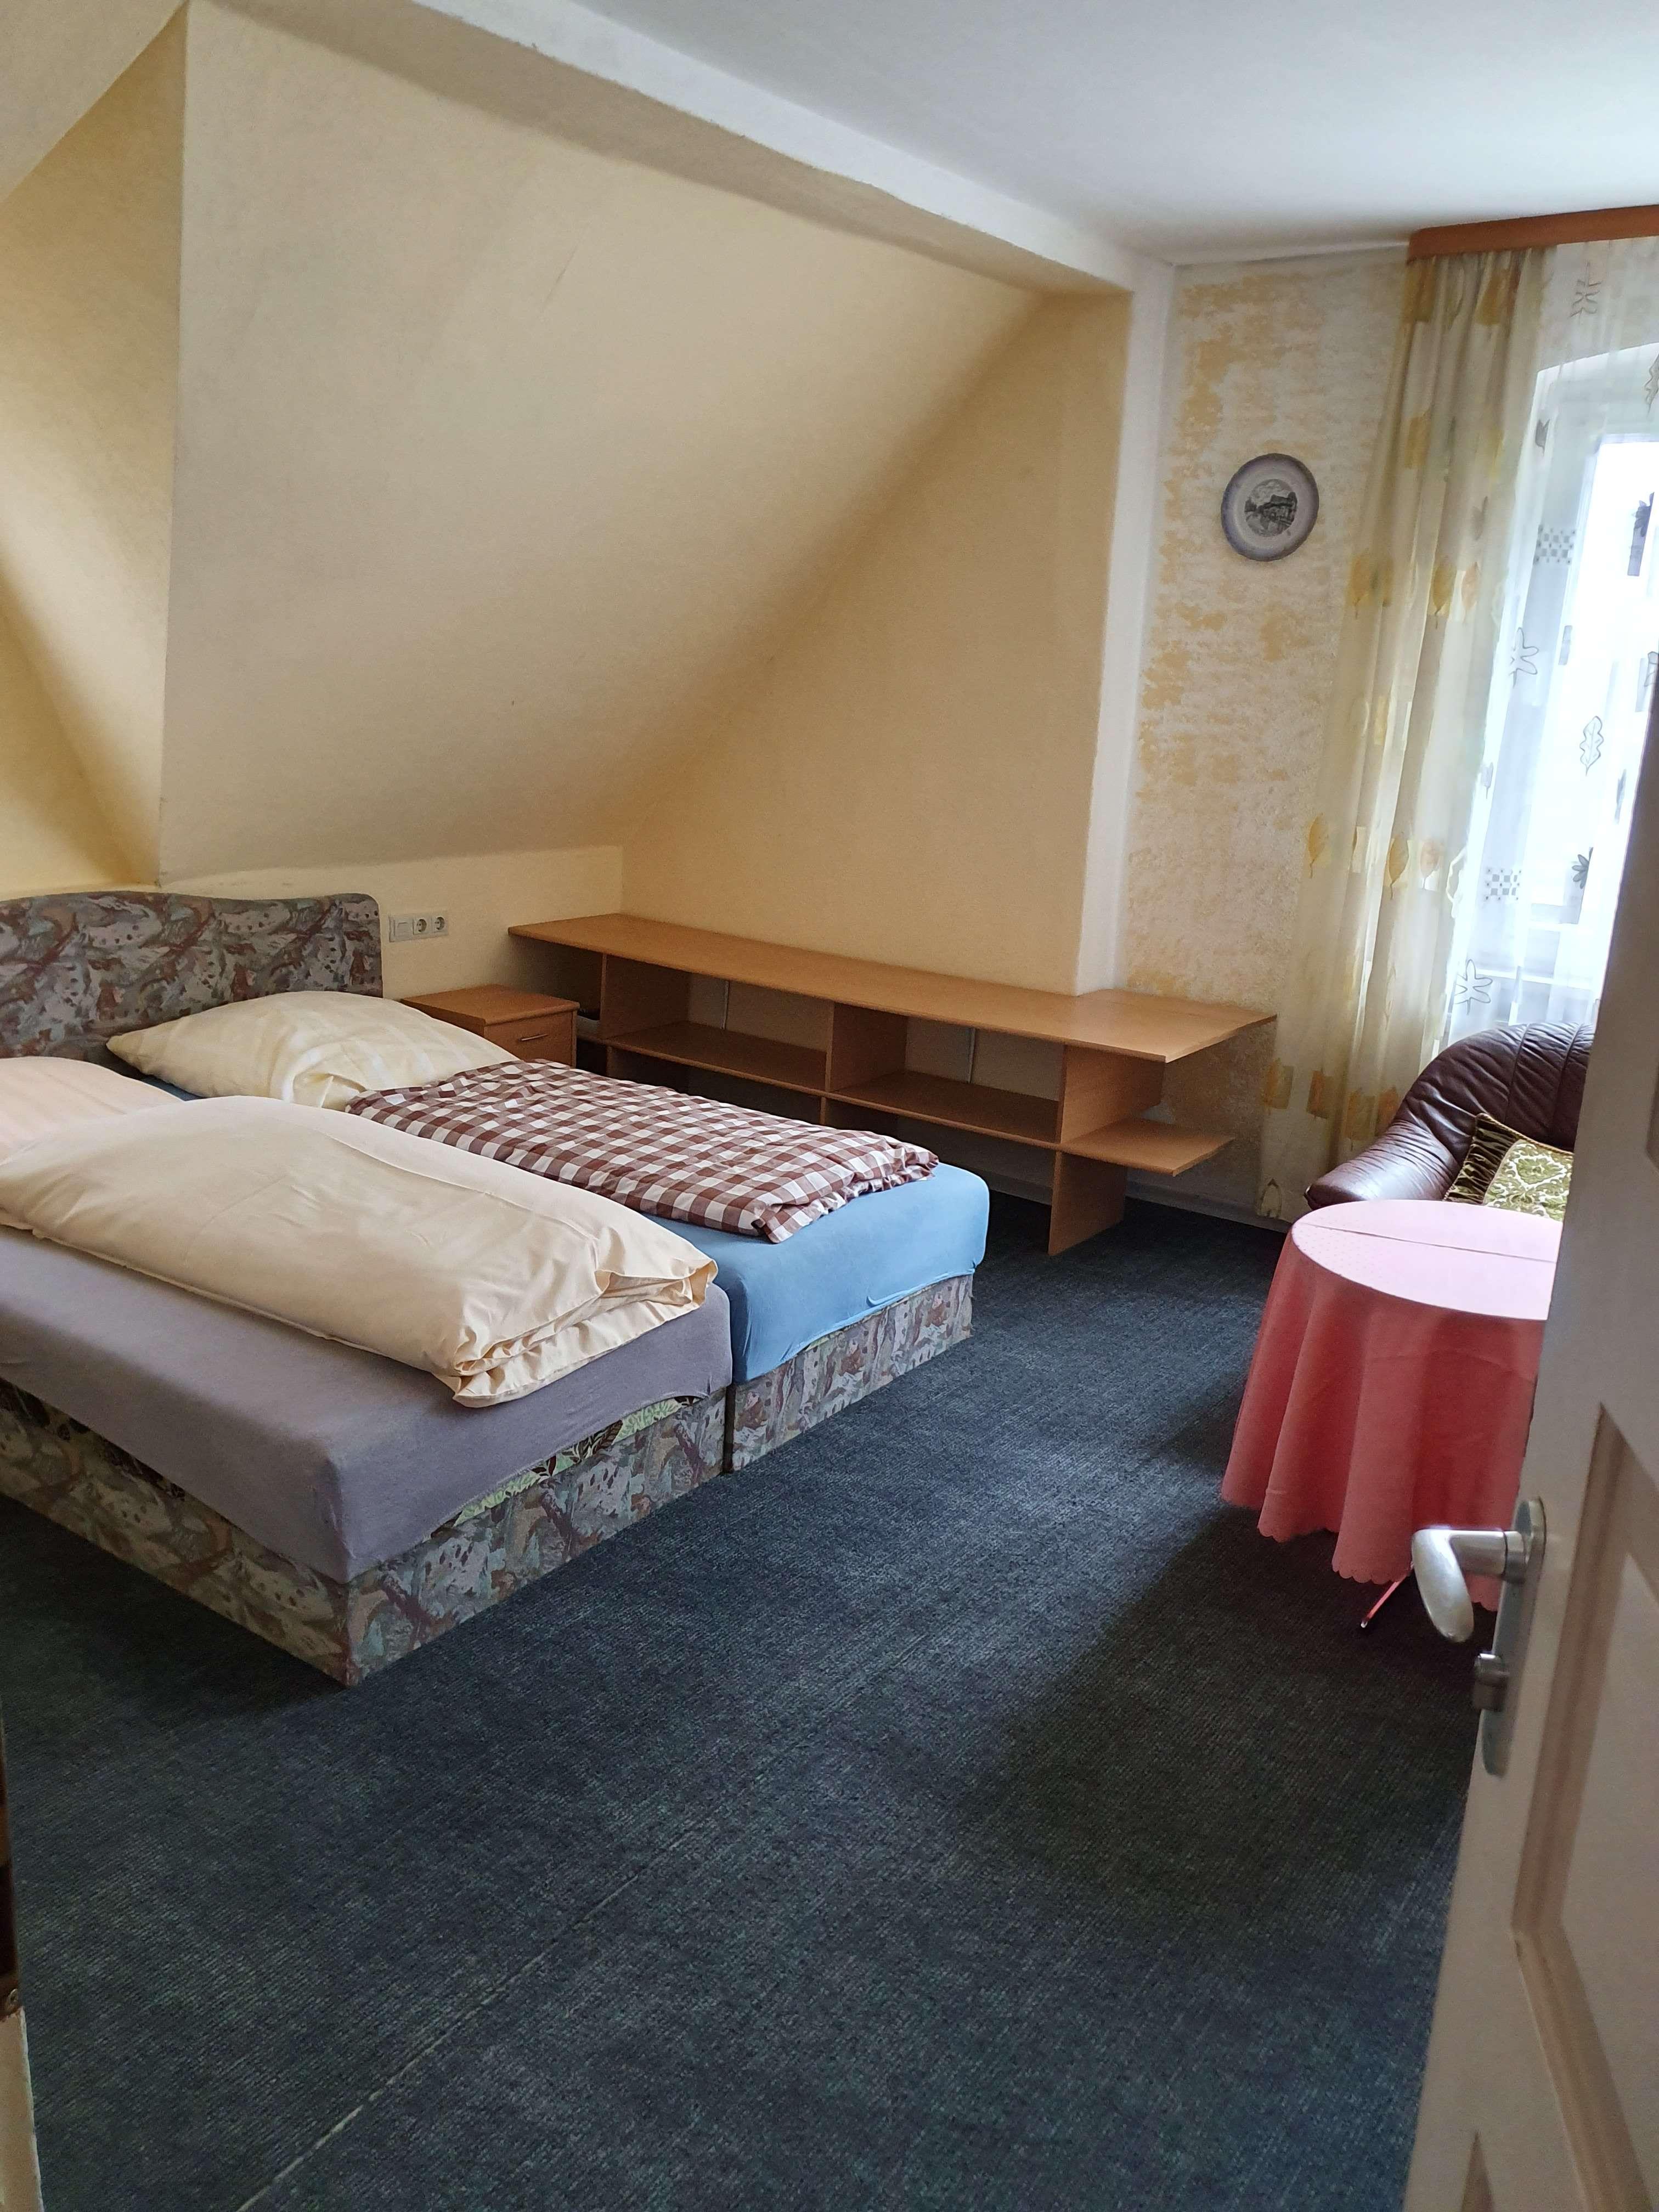 Günstige Wohnung in Top Lage * 1 Zimmer Appartement in